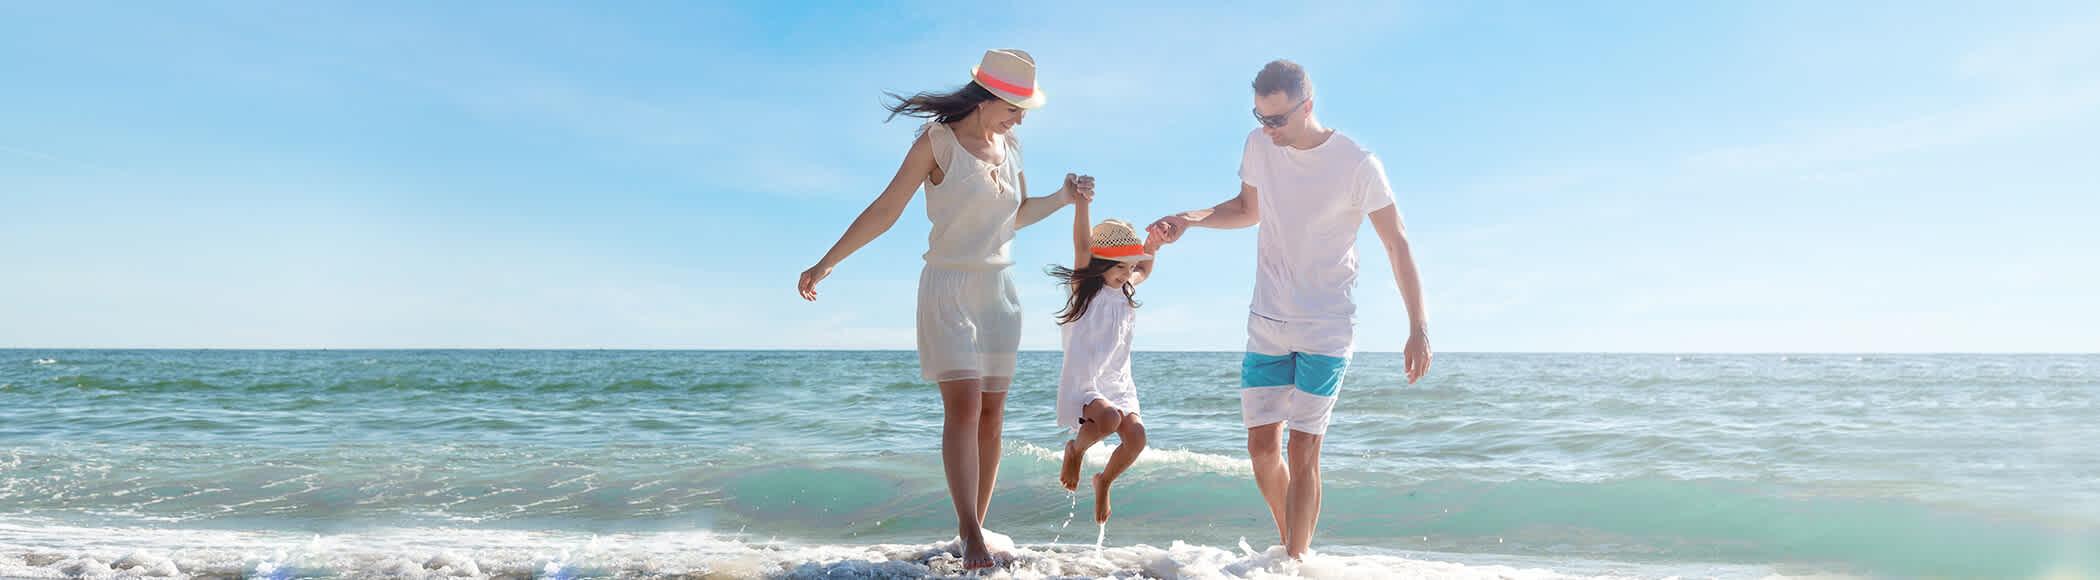 Družina na obali